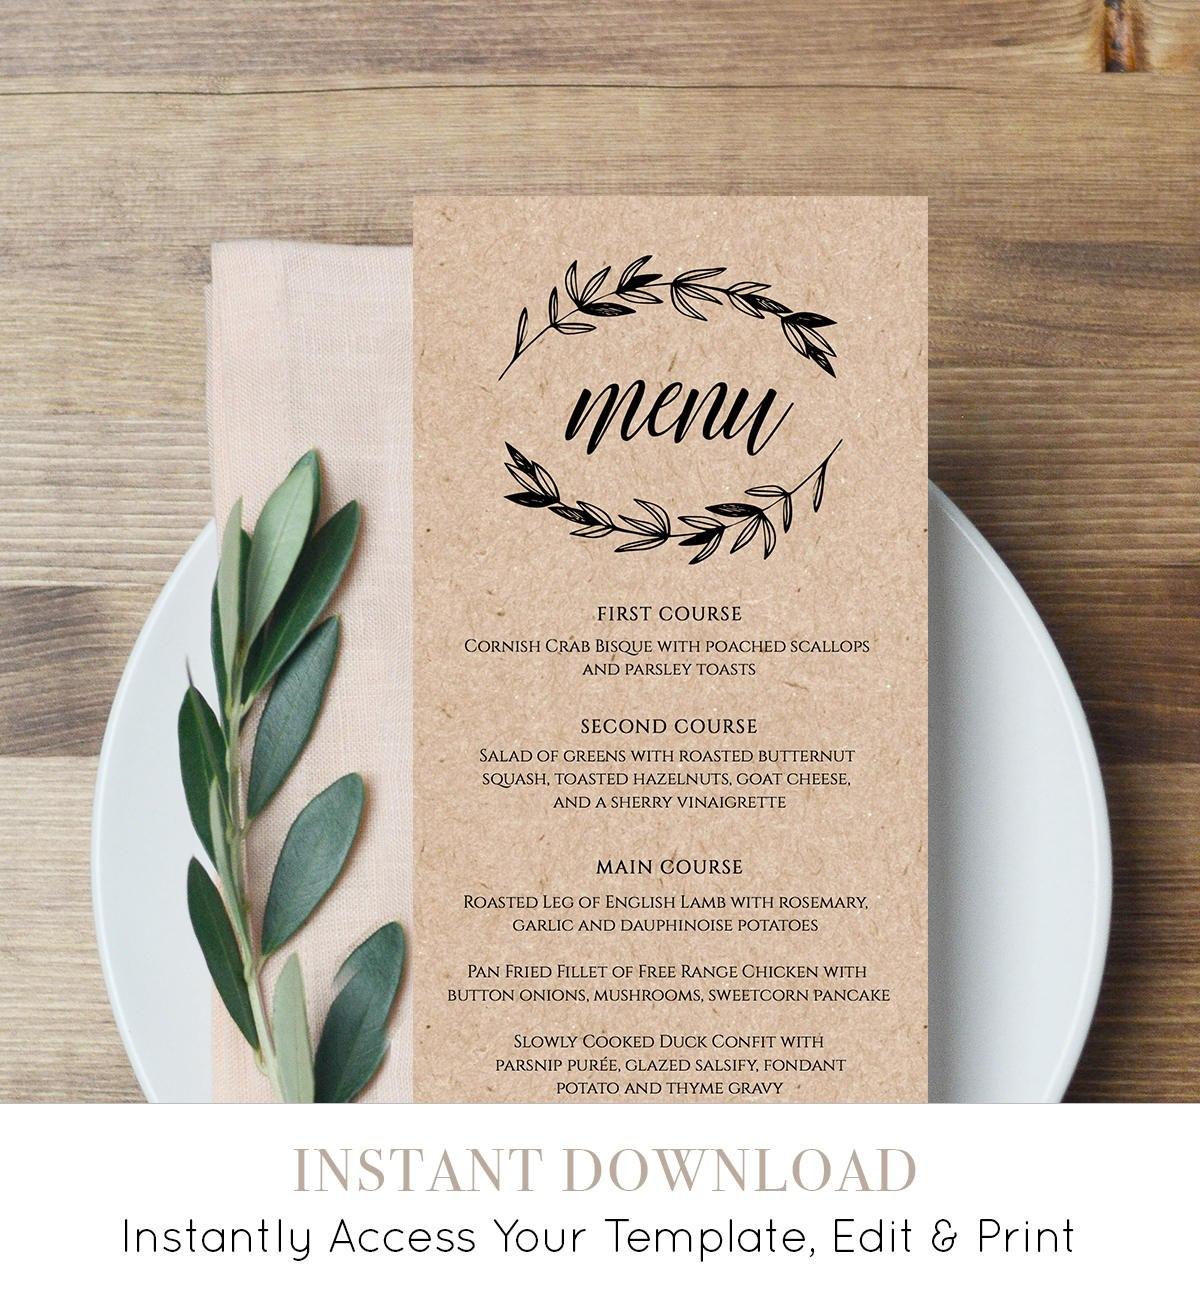 Rustic Wedding Menu Template Printable Menu Card Editable Throughout Wedding Menu Templates Free Download